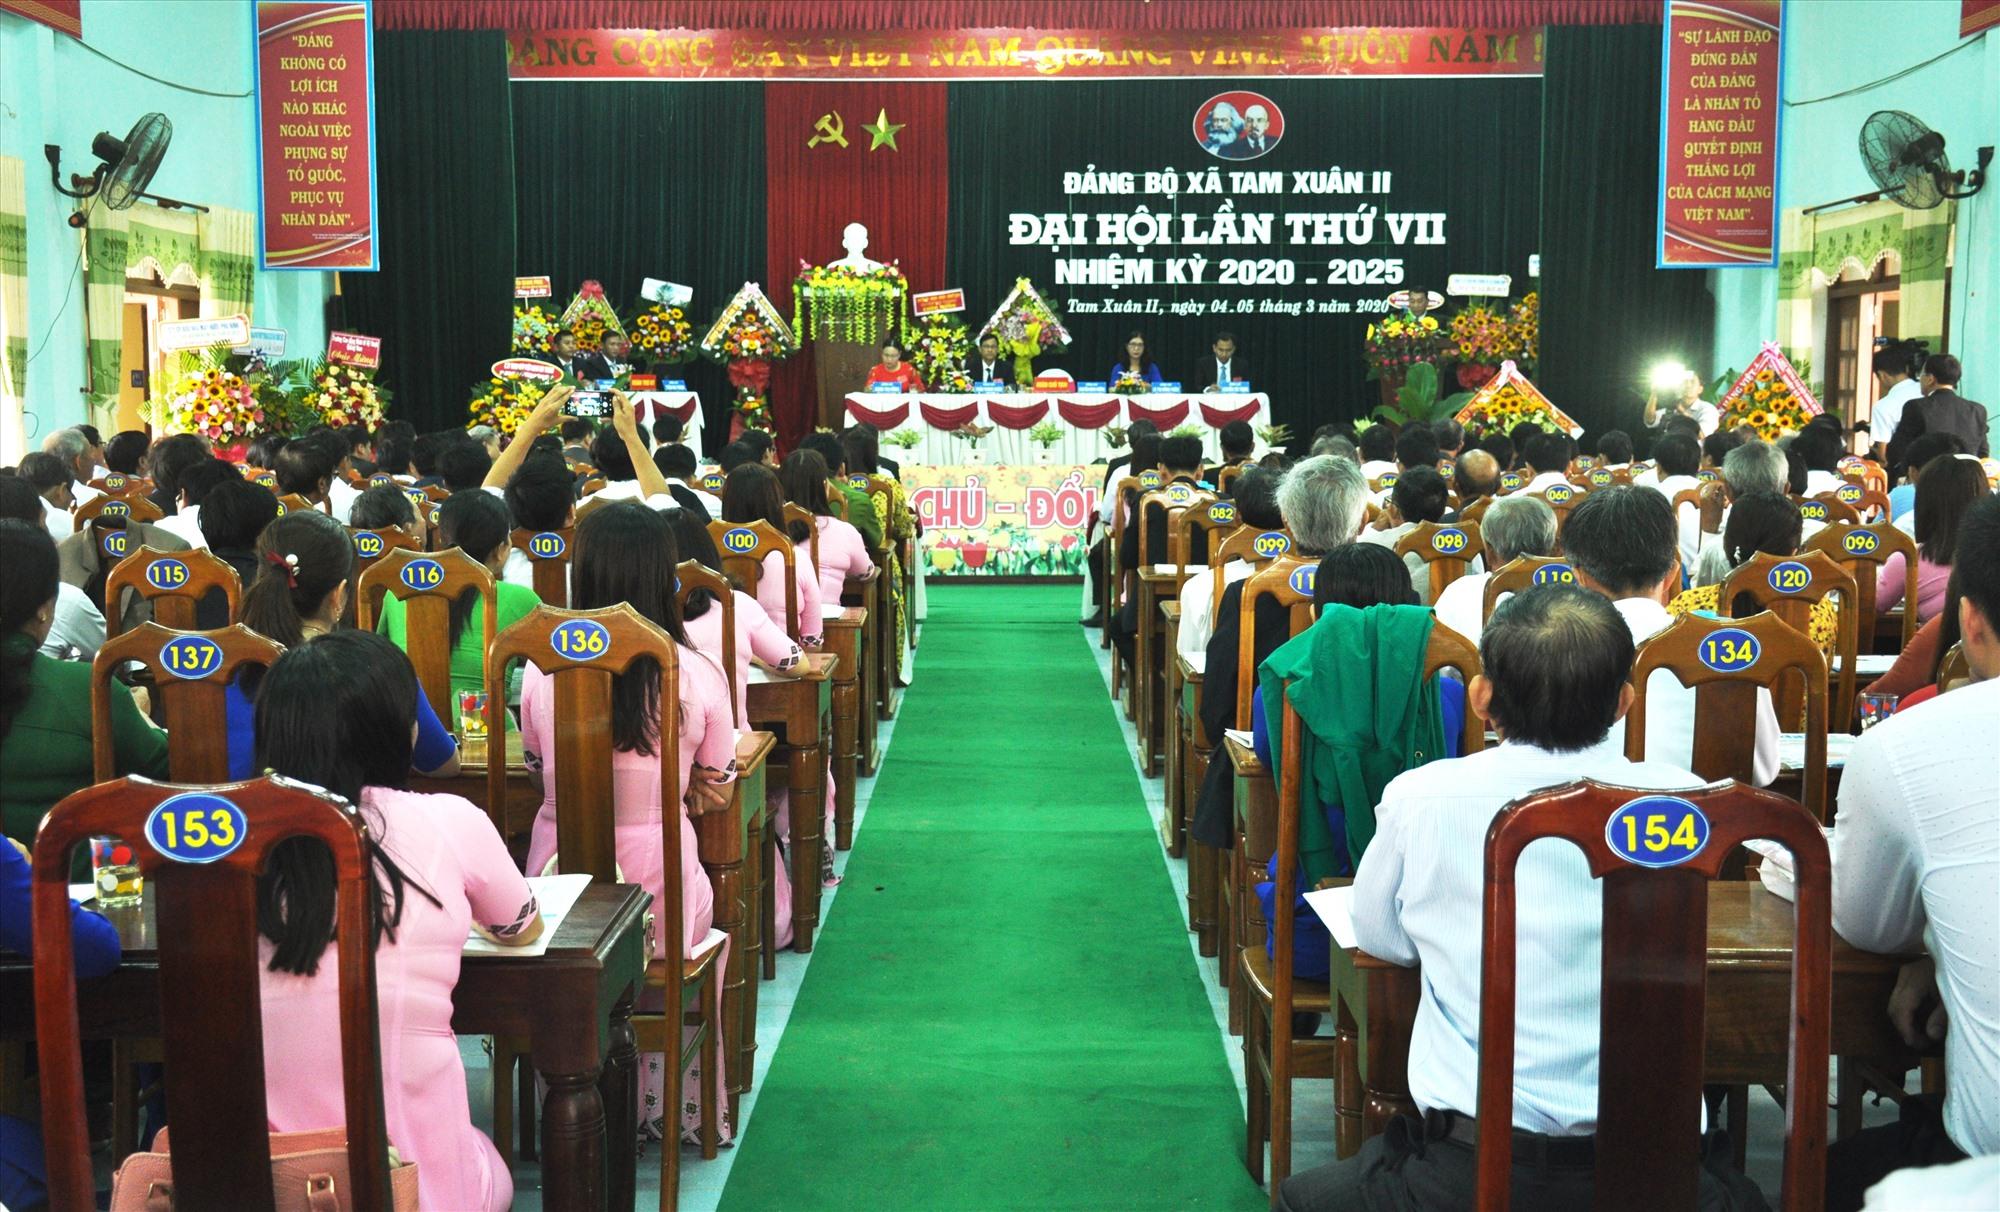 Quang cảnh Đại hội Đảng bộ xã Tam Xuân 2 lần thứ VII, nhiệm kỳ 2020 - 2025. Ảnh: N.Đ